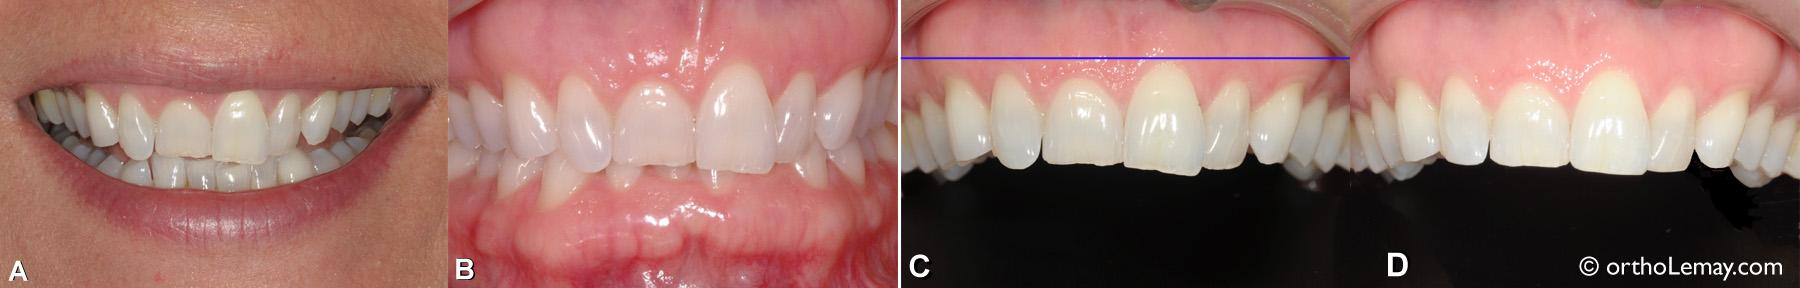 Niveau de gencive et contour gingival inégaux corrigés en orthodontie